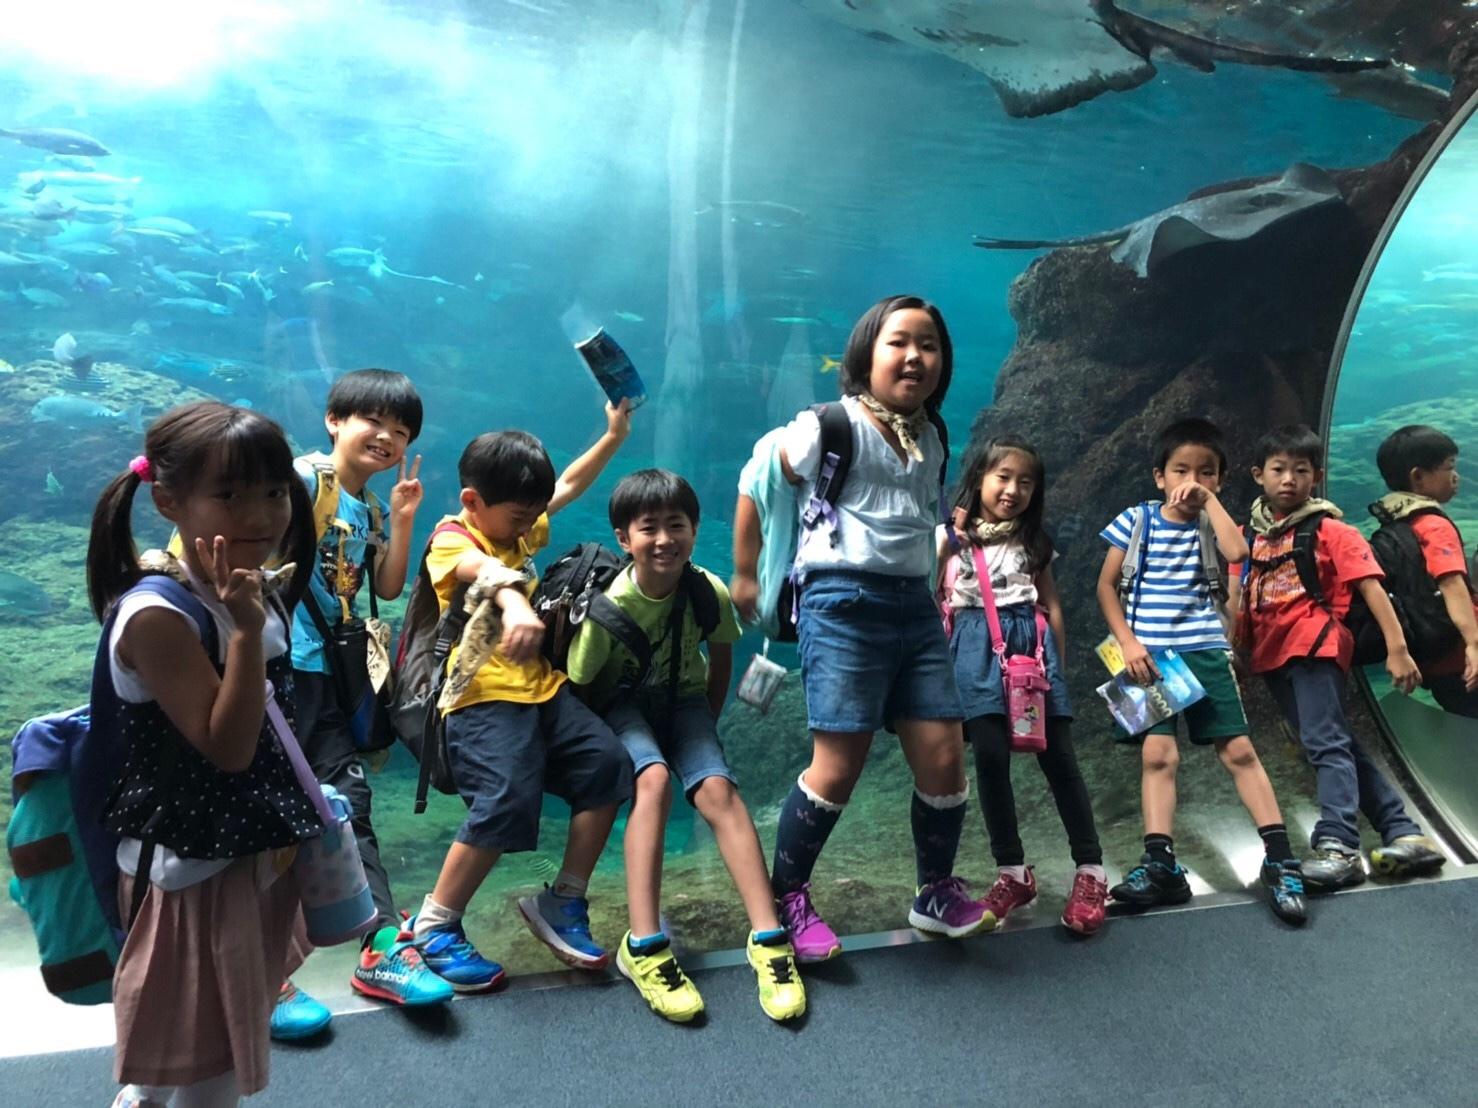 新江ノ島水族館・ドッチボール大会_e0131910_09524065.jpg